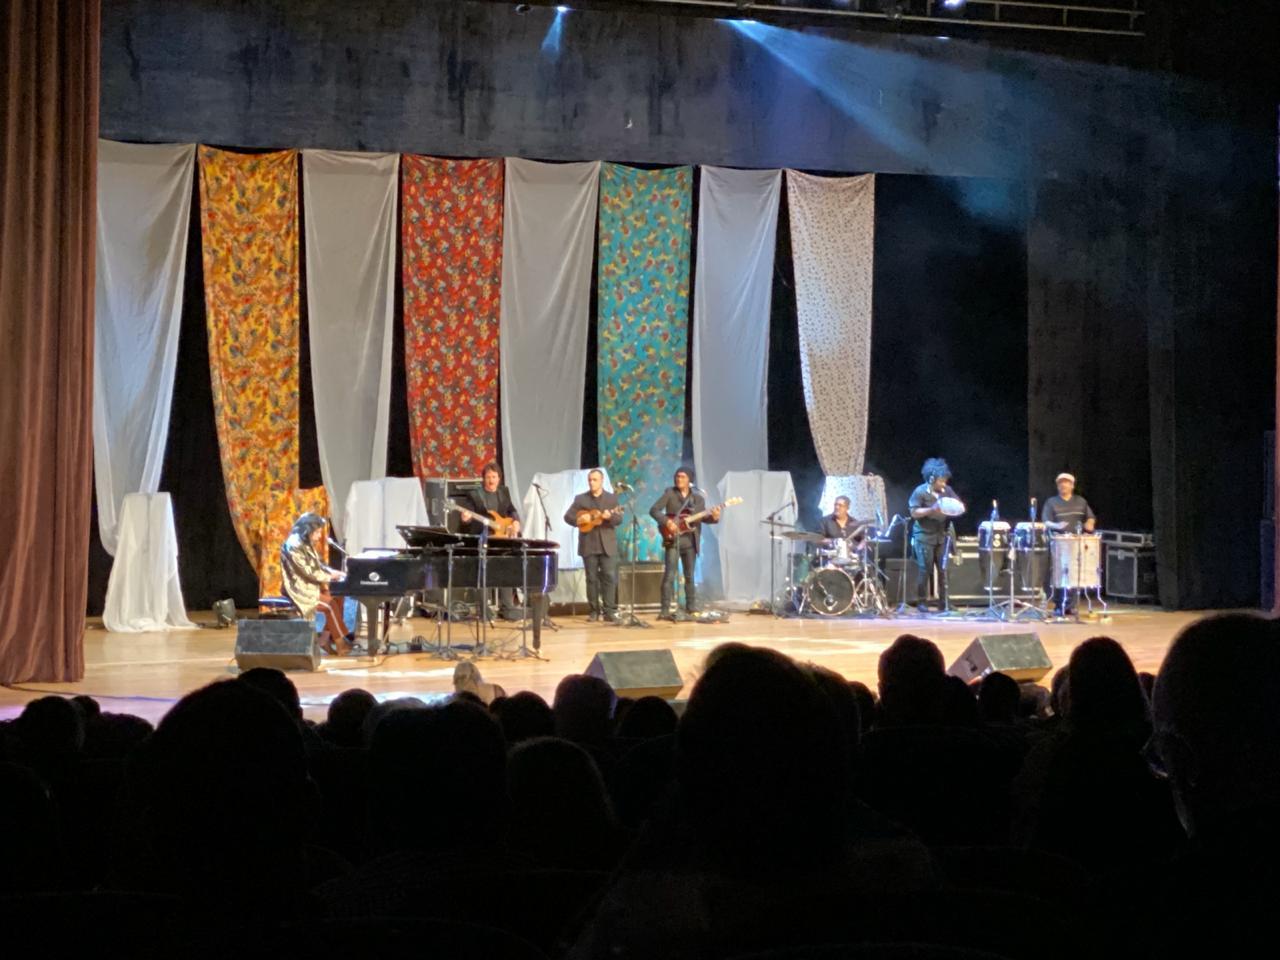 WhatsApp Image 2019 11 22 at 21.29.25 - Show de Benito Di Paula reúne 2 mil pessoas no Teatro a Pedra do Reino: cantor chama criança e fã com parkinson para cantar - VEJA VÍDEOS